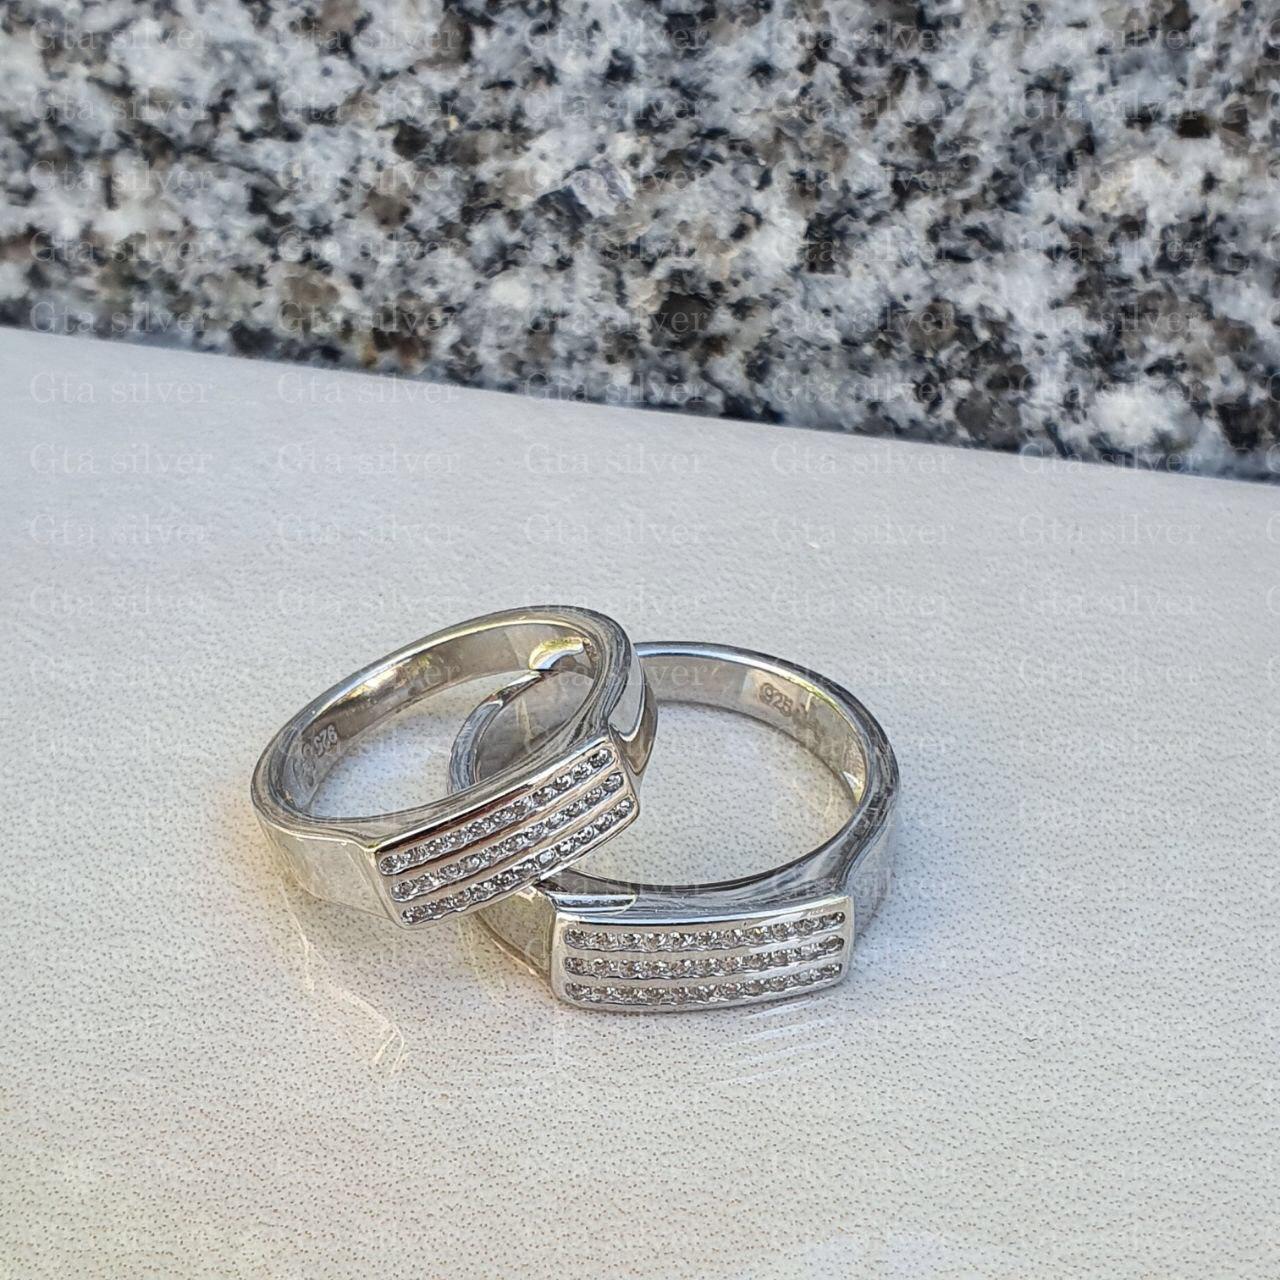 ست حلقه ازدواج وزن 8.5 گرم مدل 2